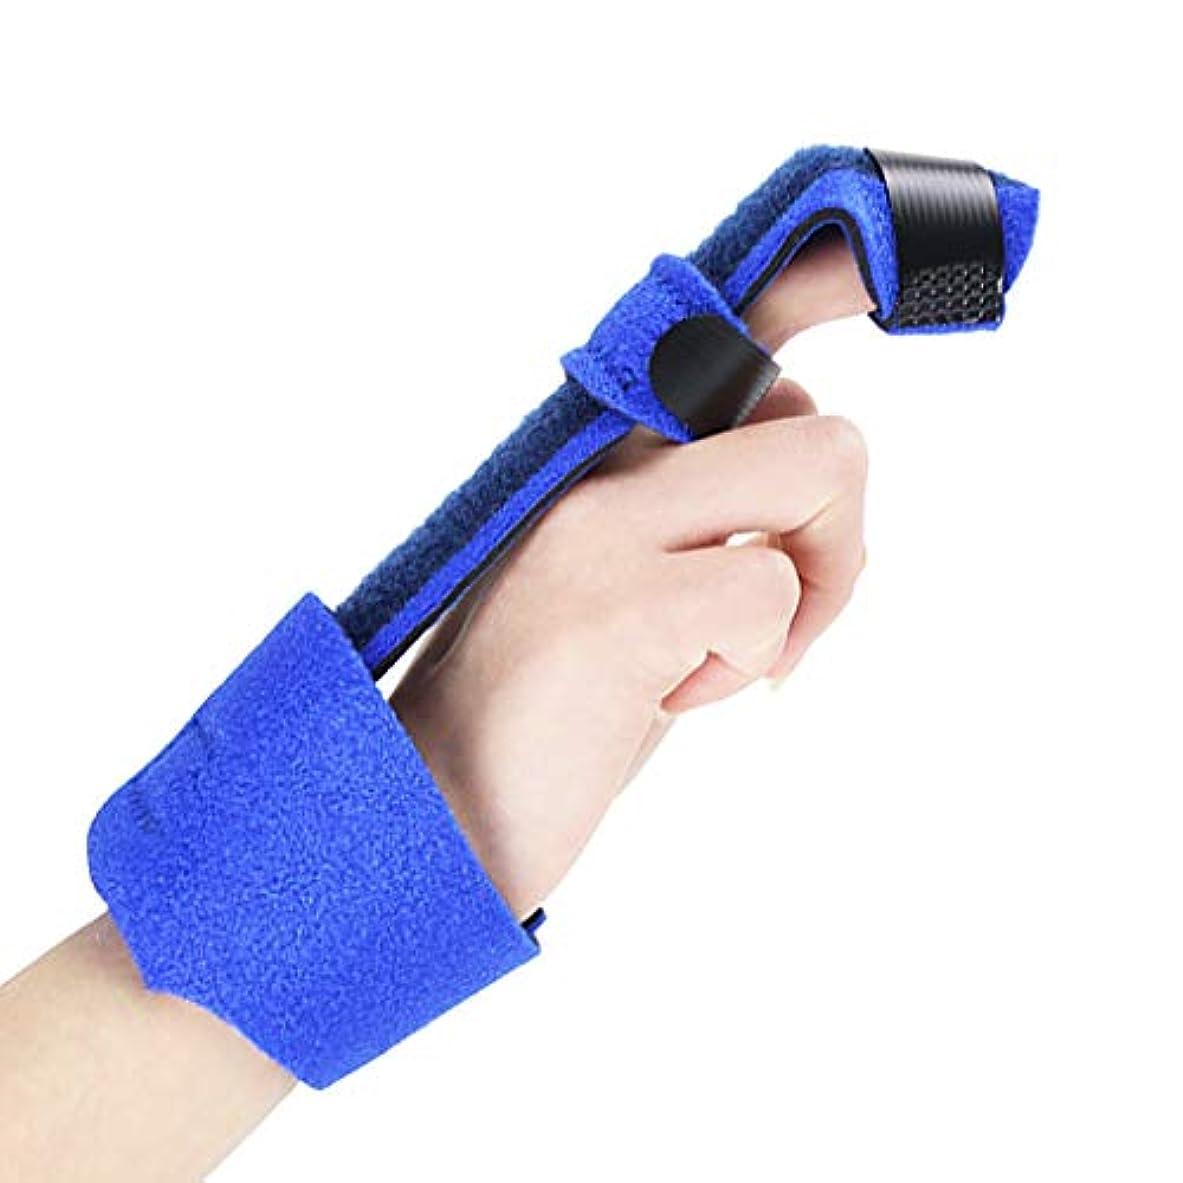 年金受給者ベストシネマ指の装具 - 調節可能な指の救助のリハビリテーションのベルト、関節炎の腱炎の捻挫の苦痛固定副木のリハビリテーション装置,1pcs